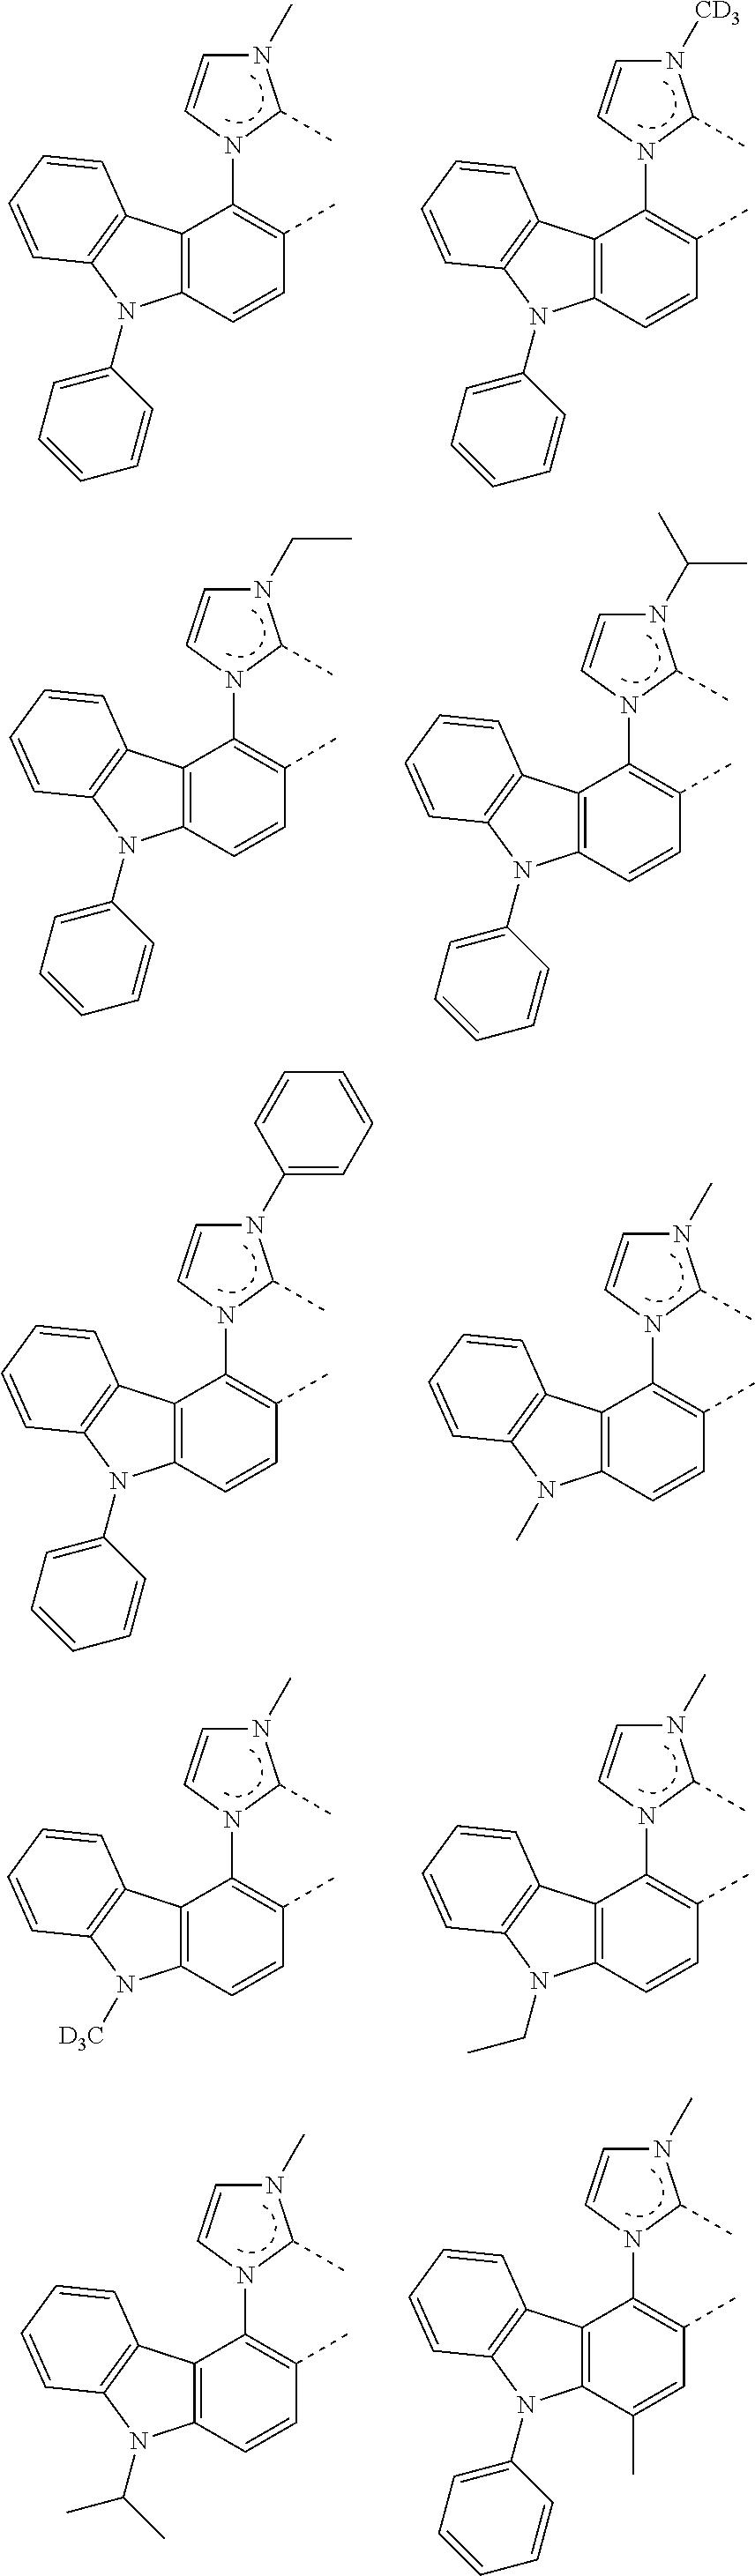 Figure US09773985-20170926-C00012